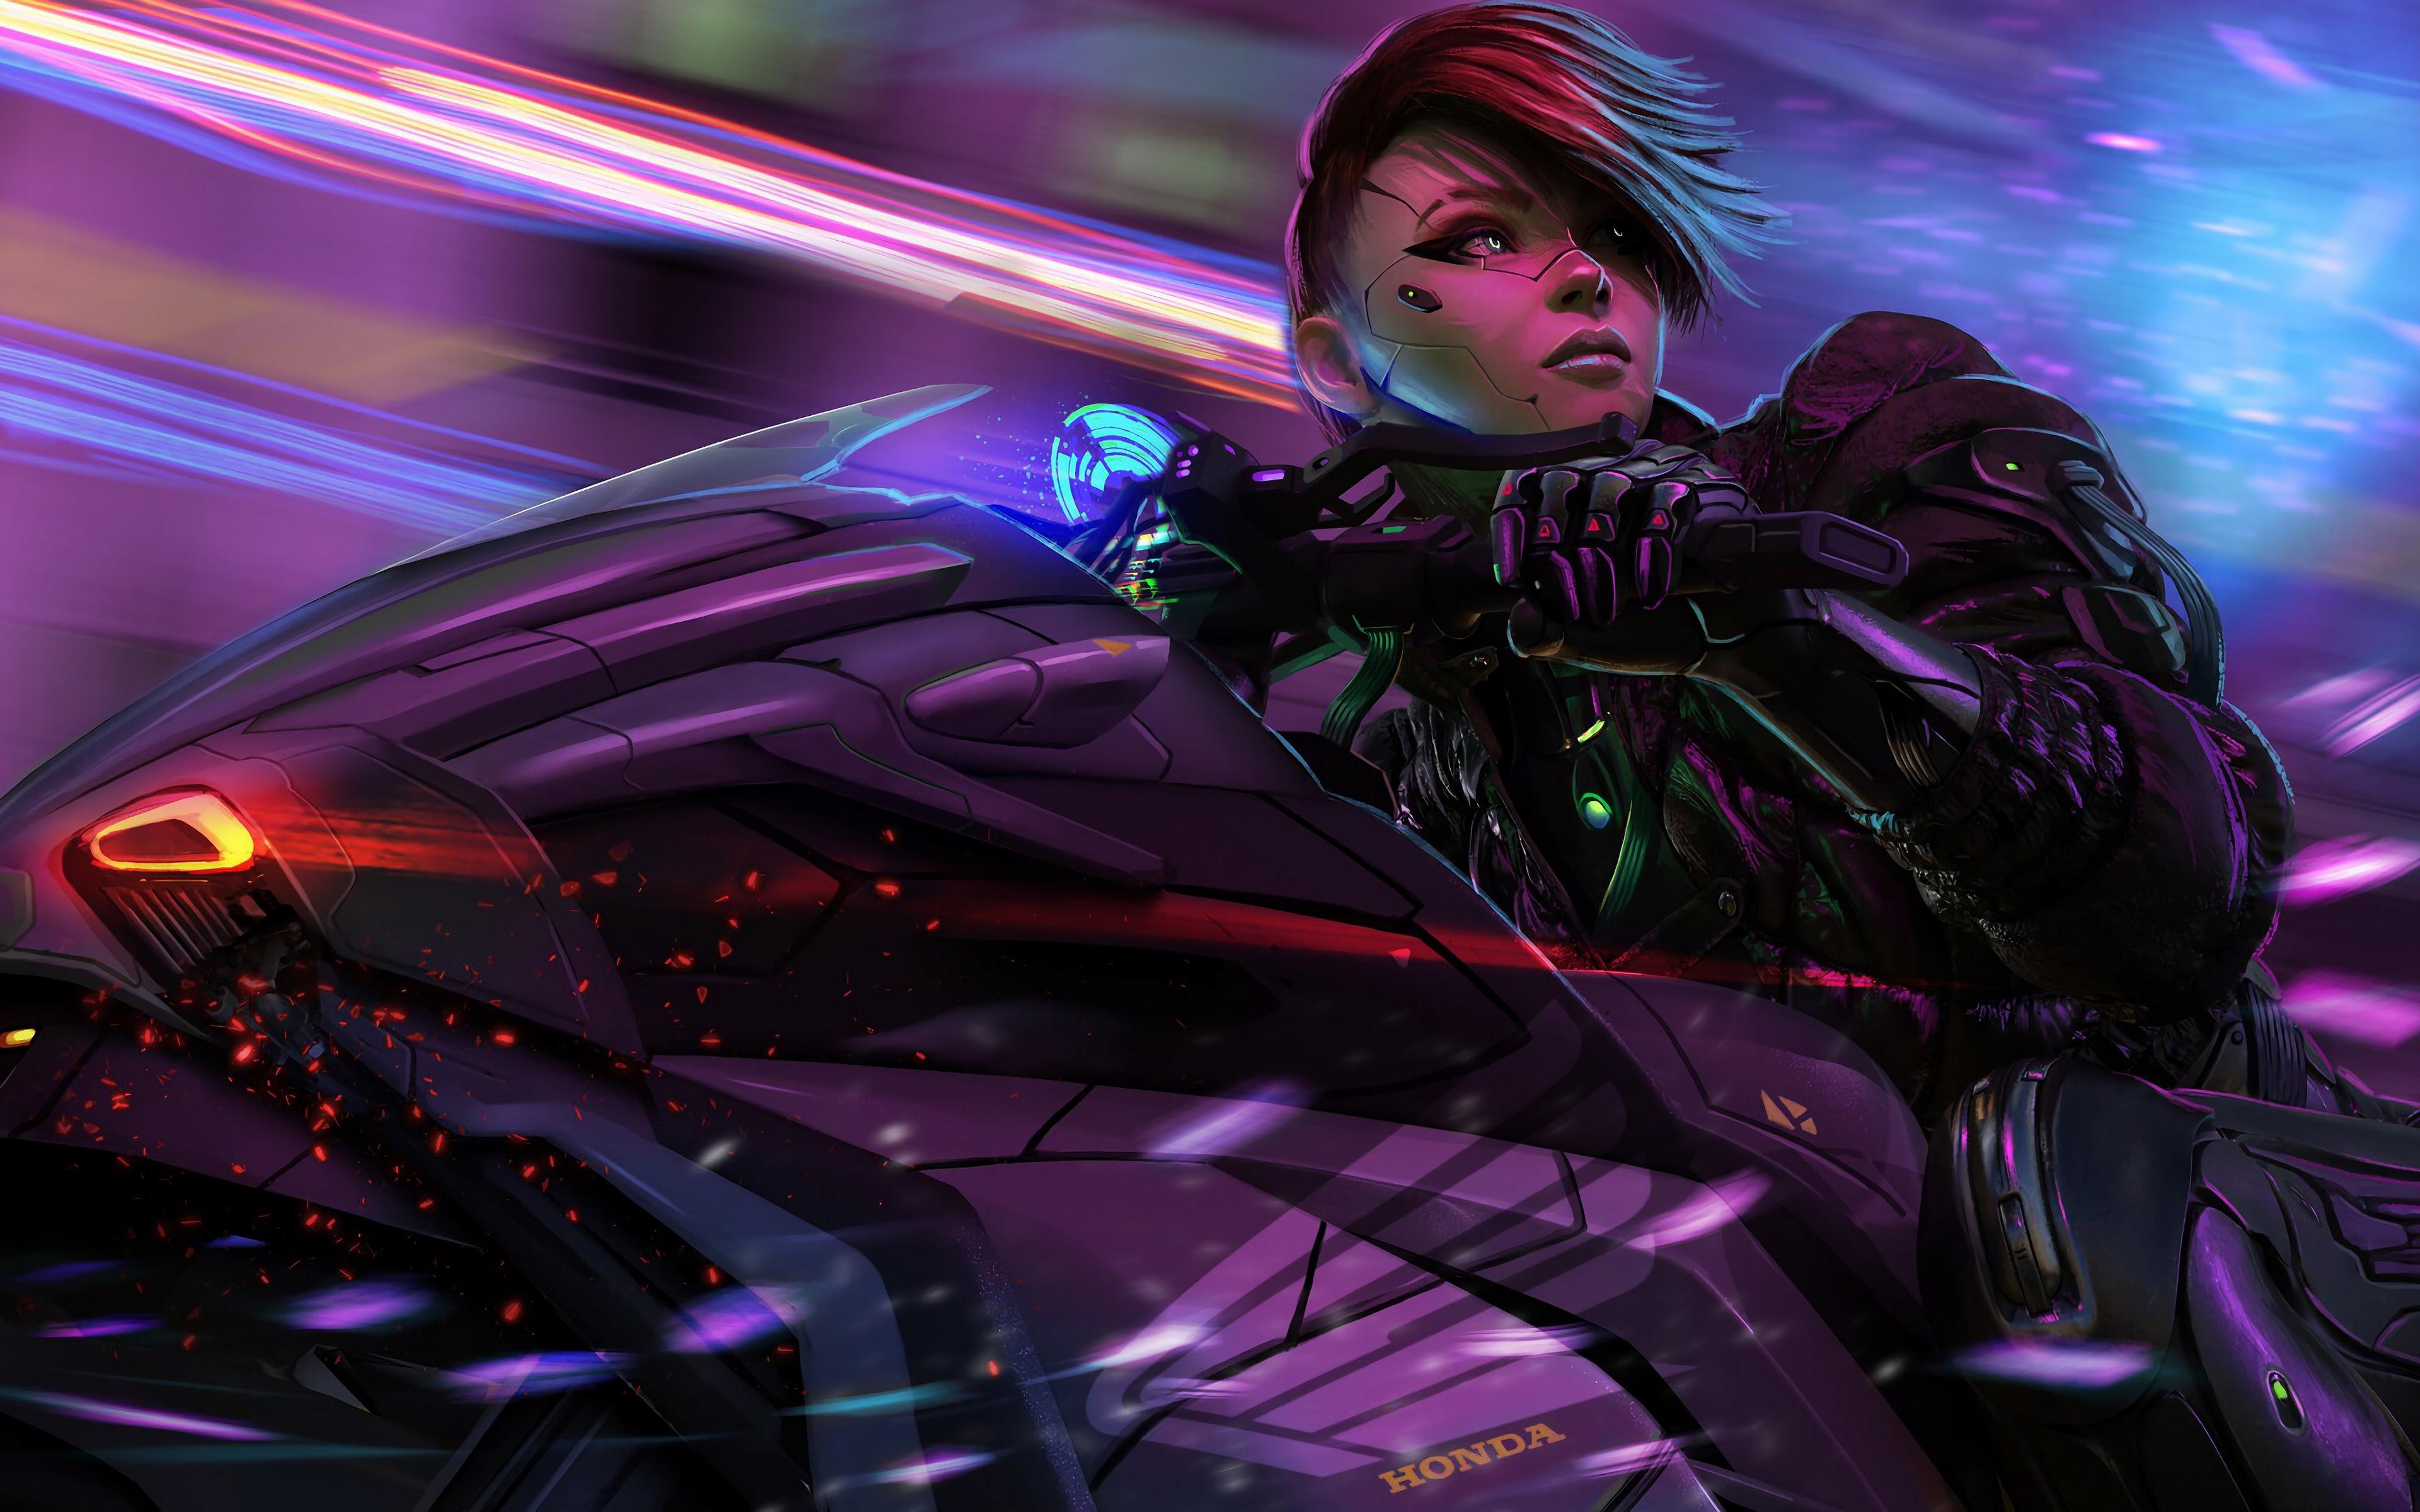 Cyberpunk Anime Biker Girl Motorcycle Sci Fi 4k Wallpaper 122